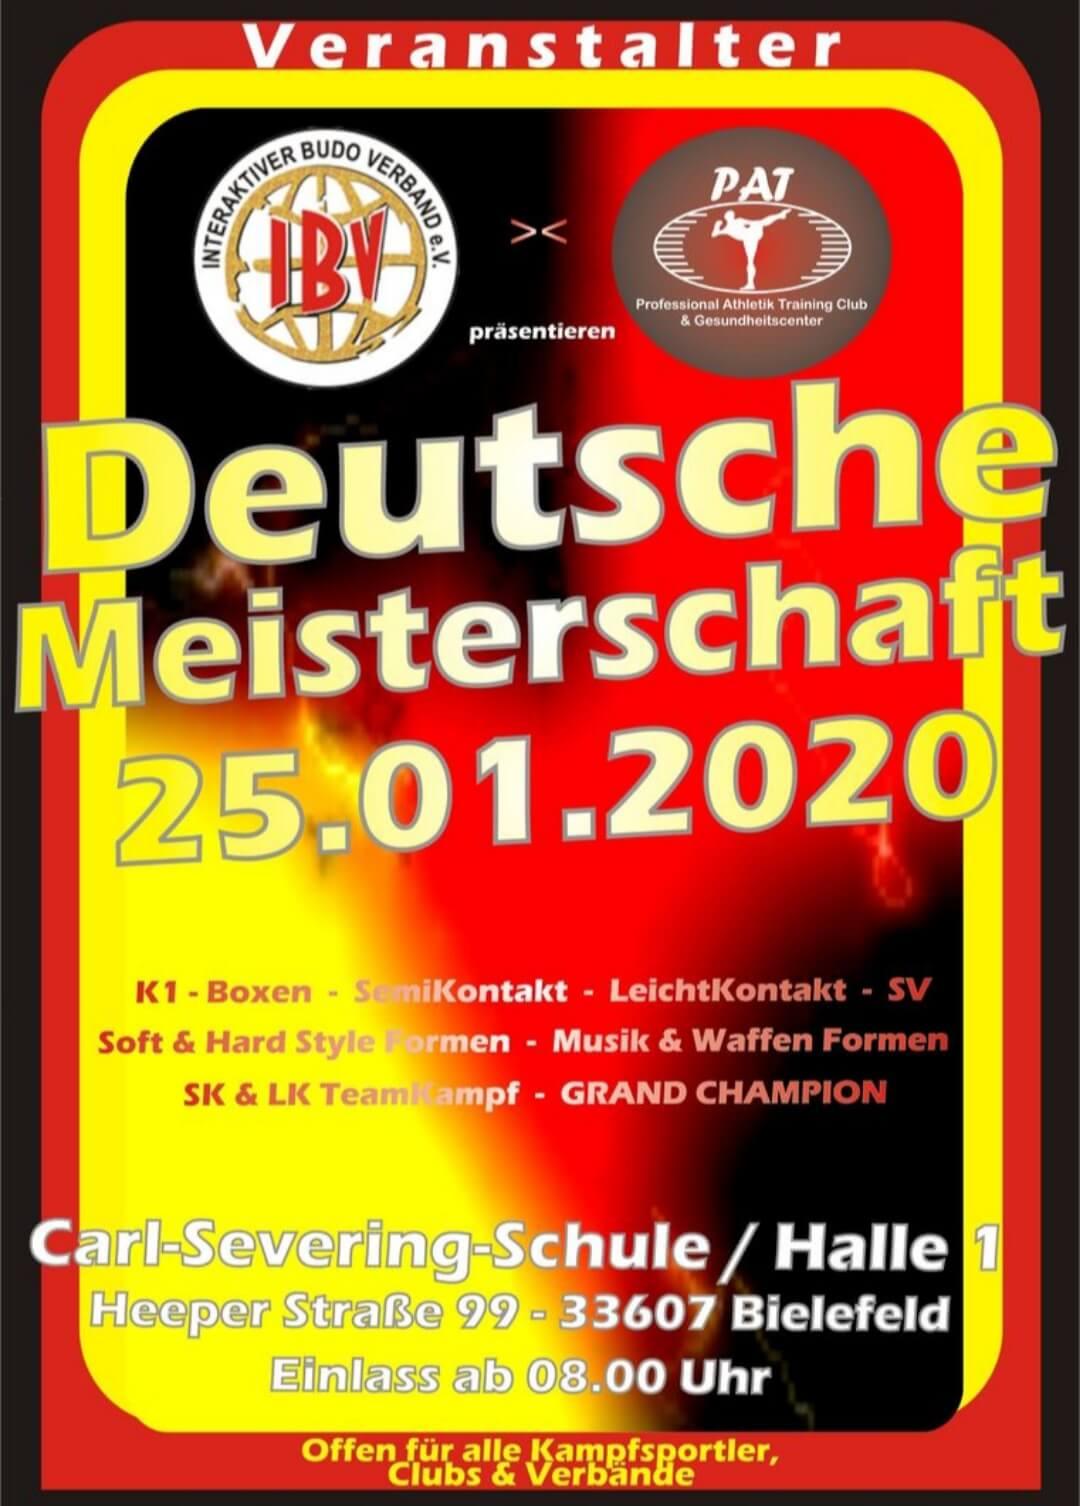 Deutsche Meisterschaft des IBV 2020 - Plakat